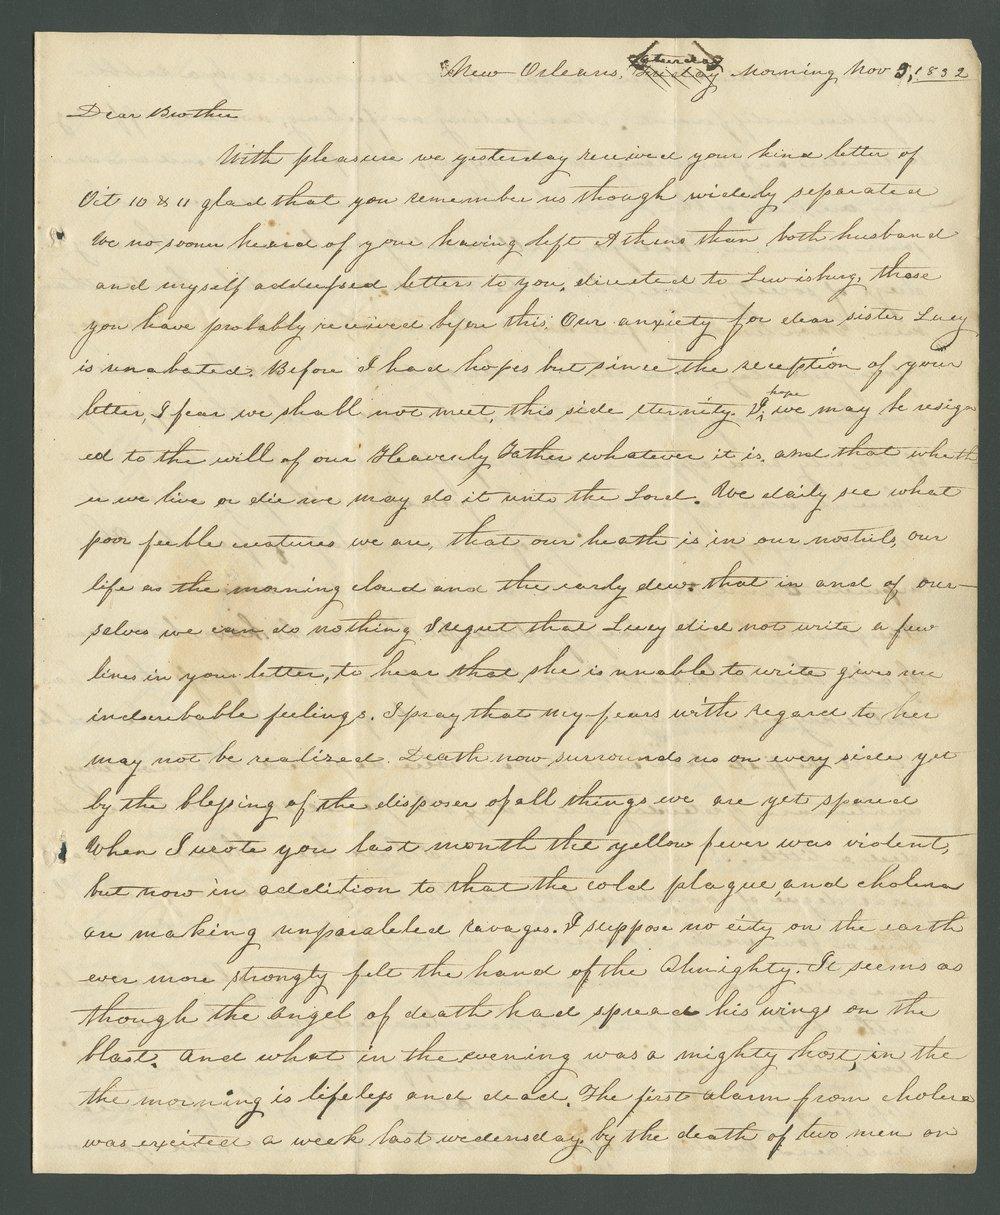 Catherine B. Dart to Lewis Allen Alderson - 7